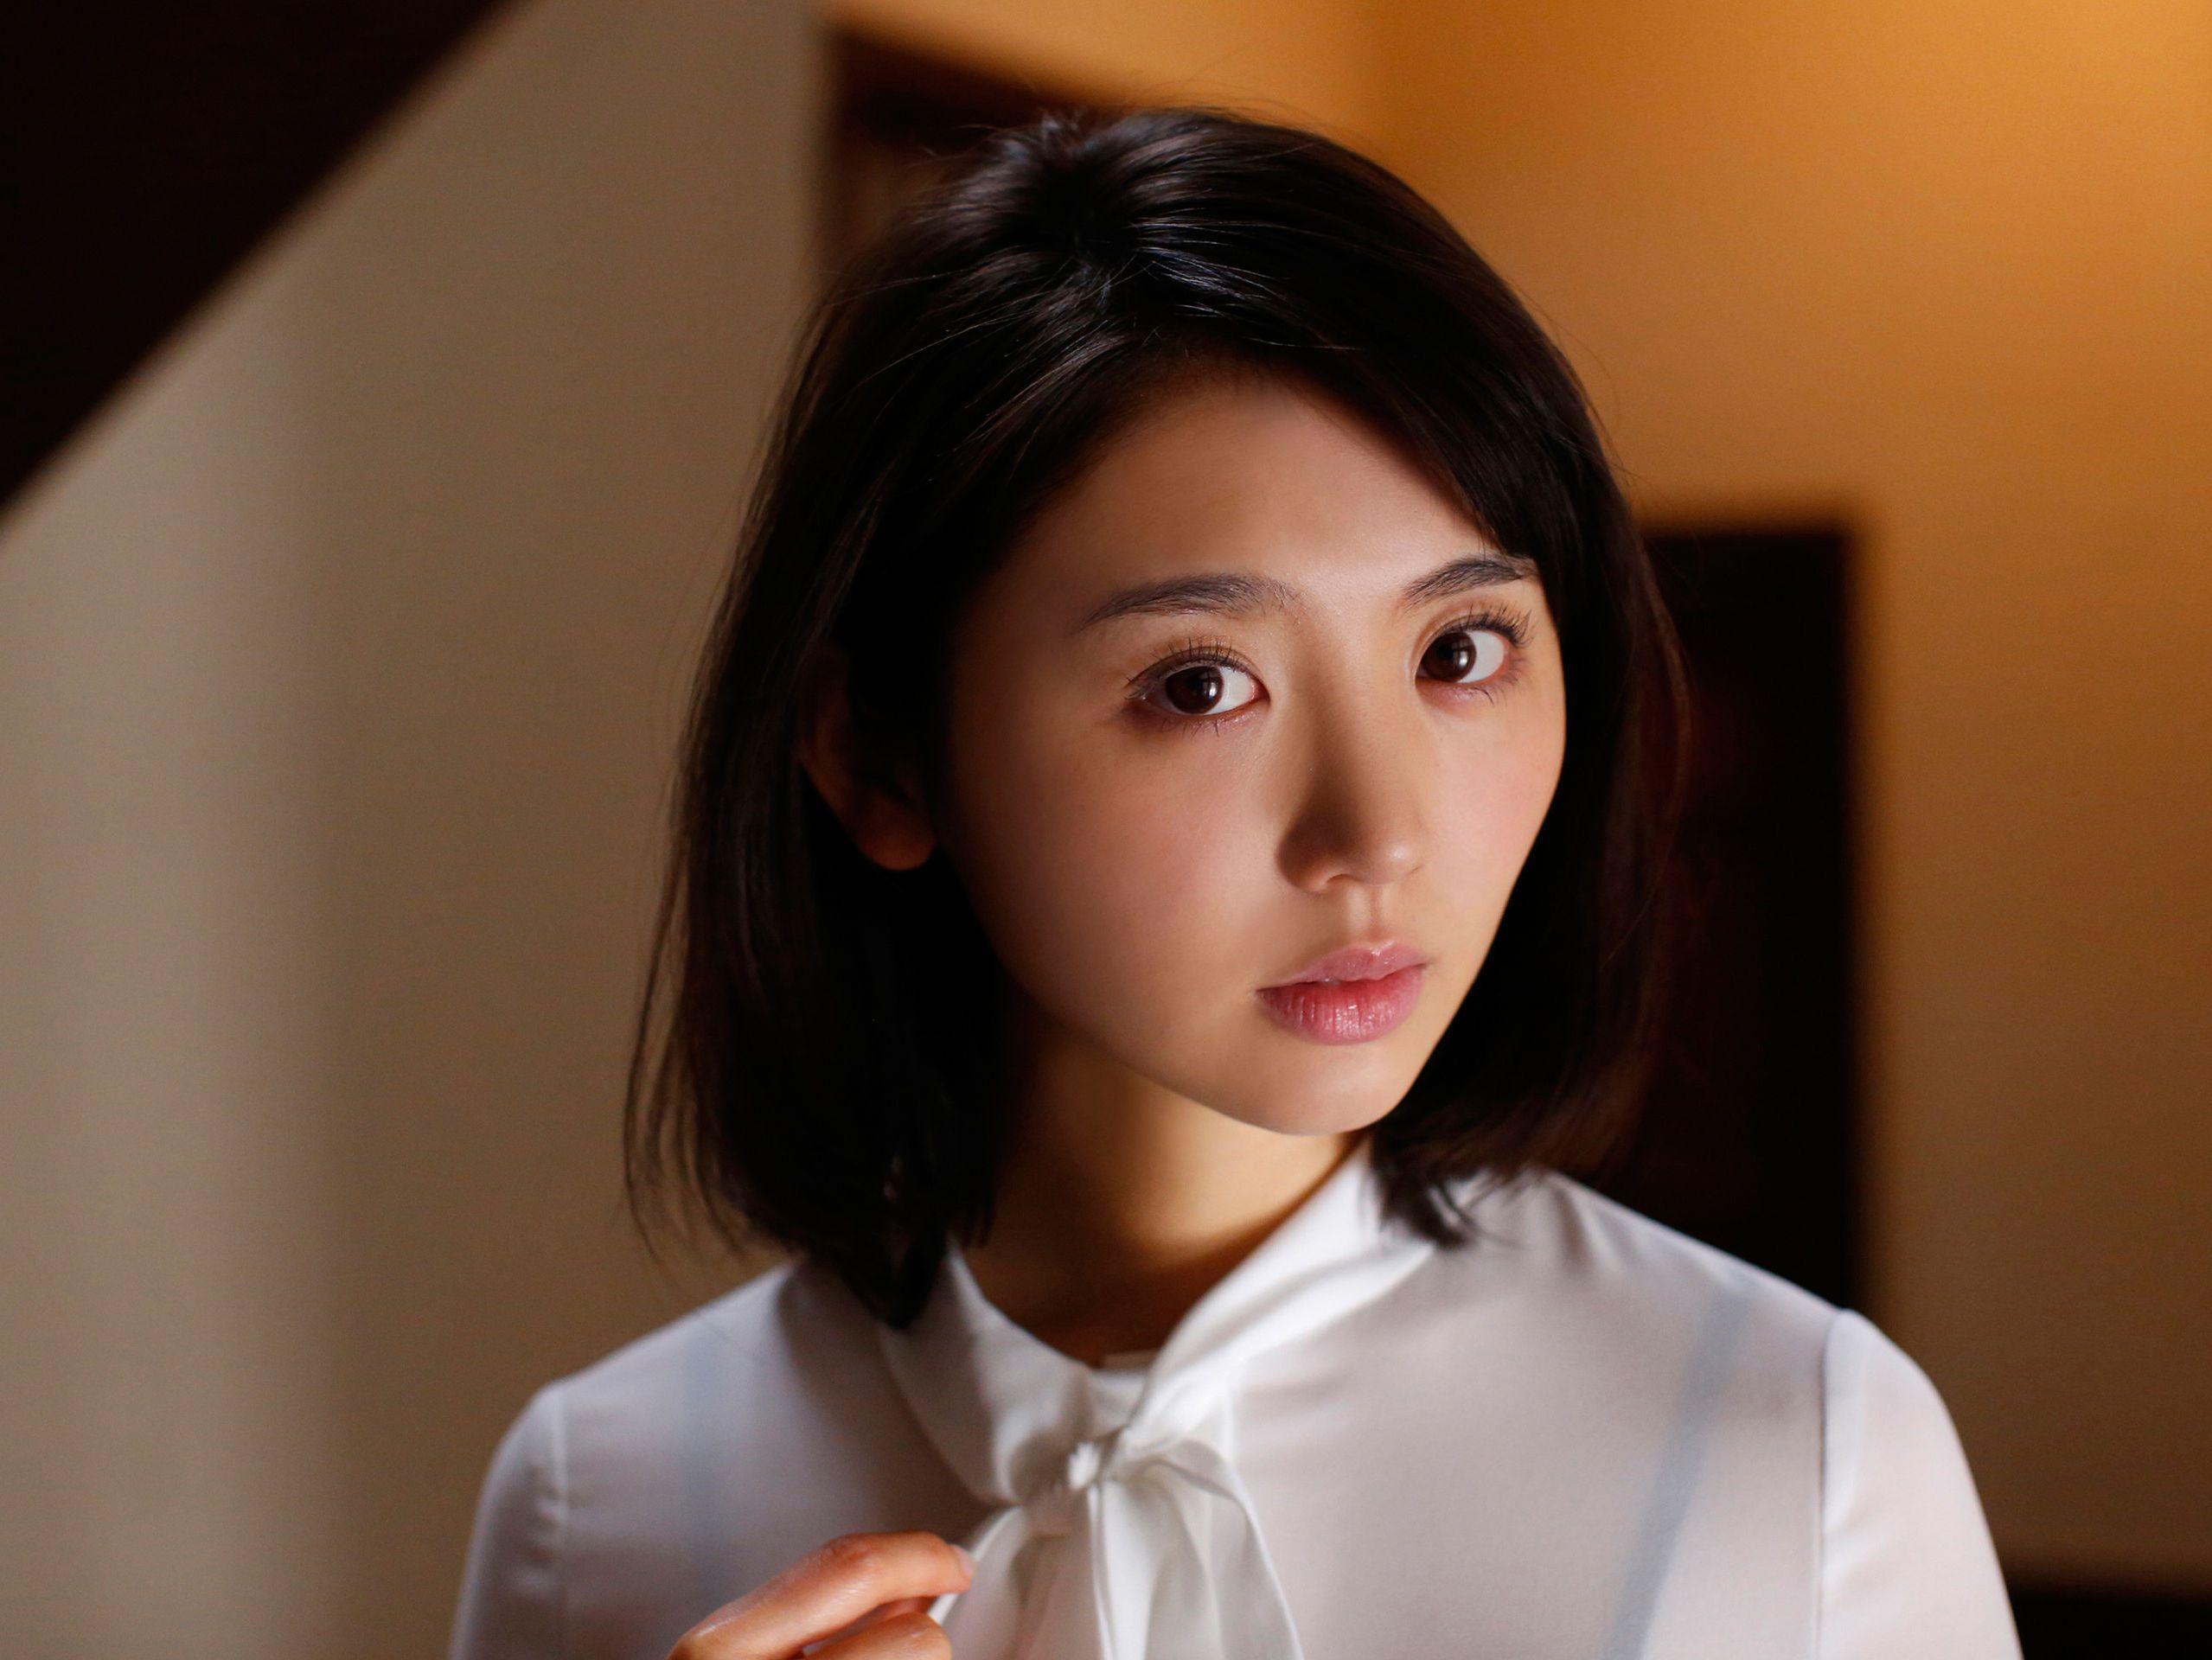 日本女星:小野乃乃香插图